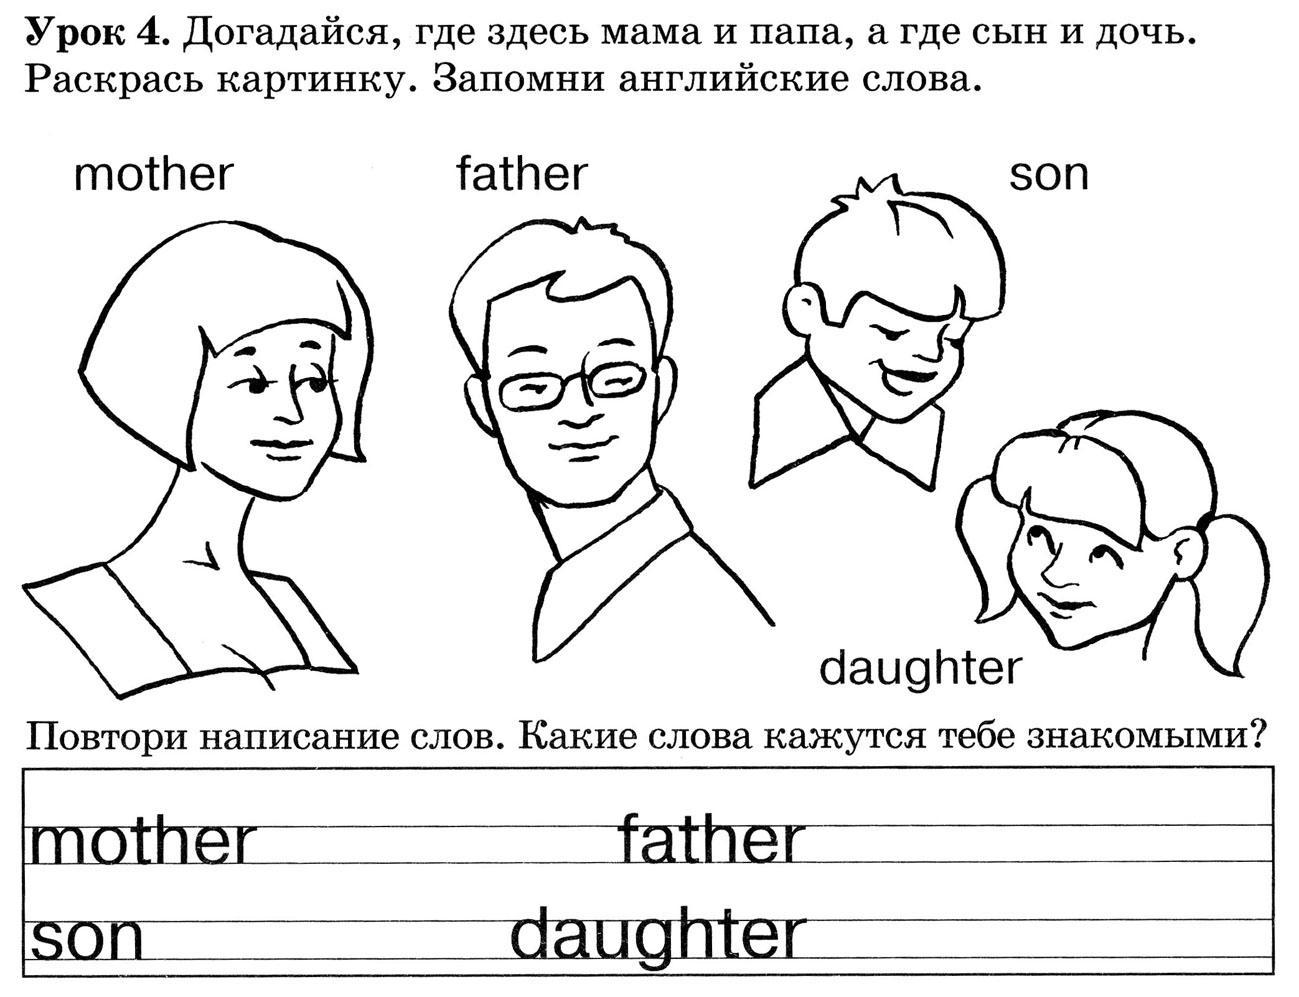 Книжка-раскраска для изучения английского языка